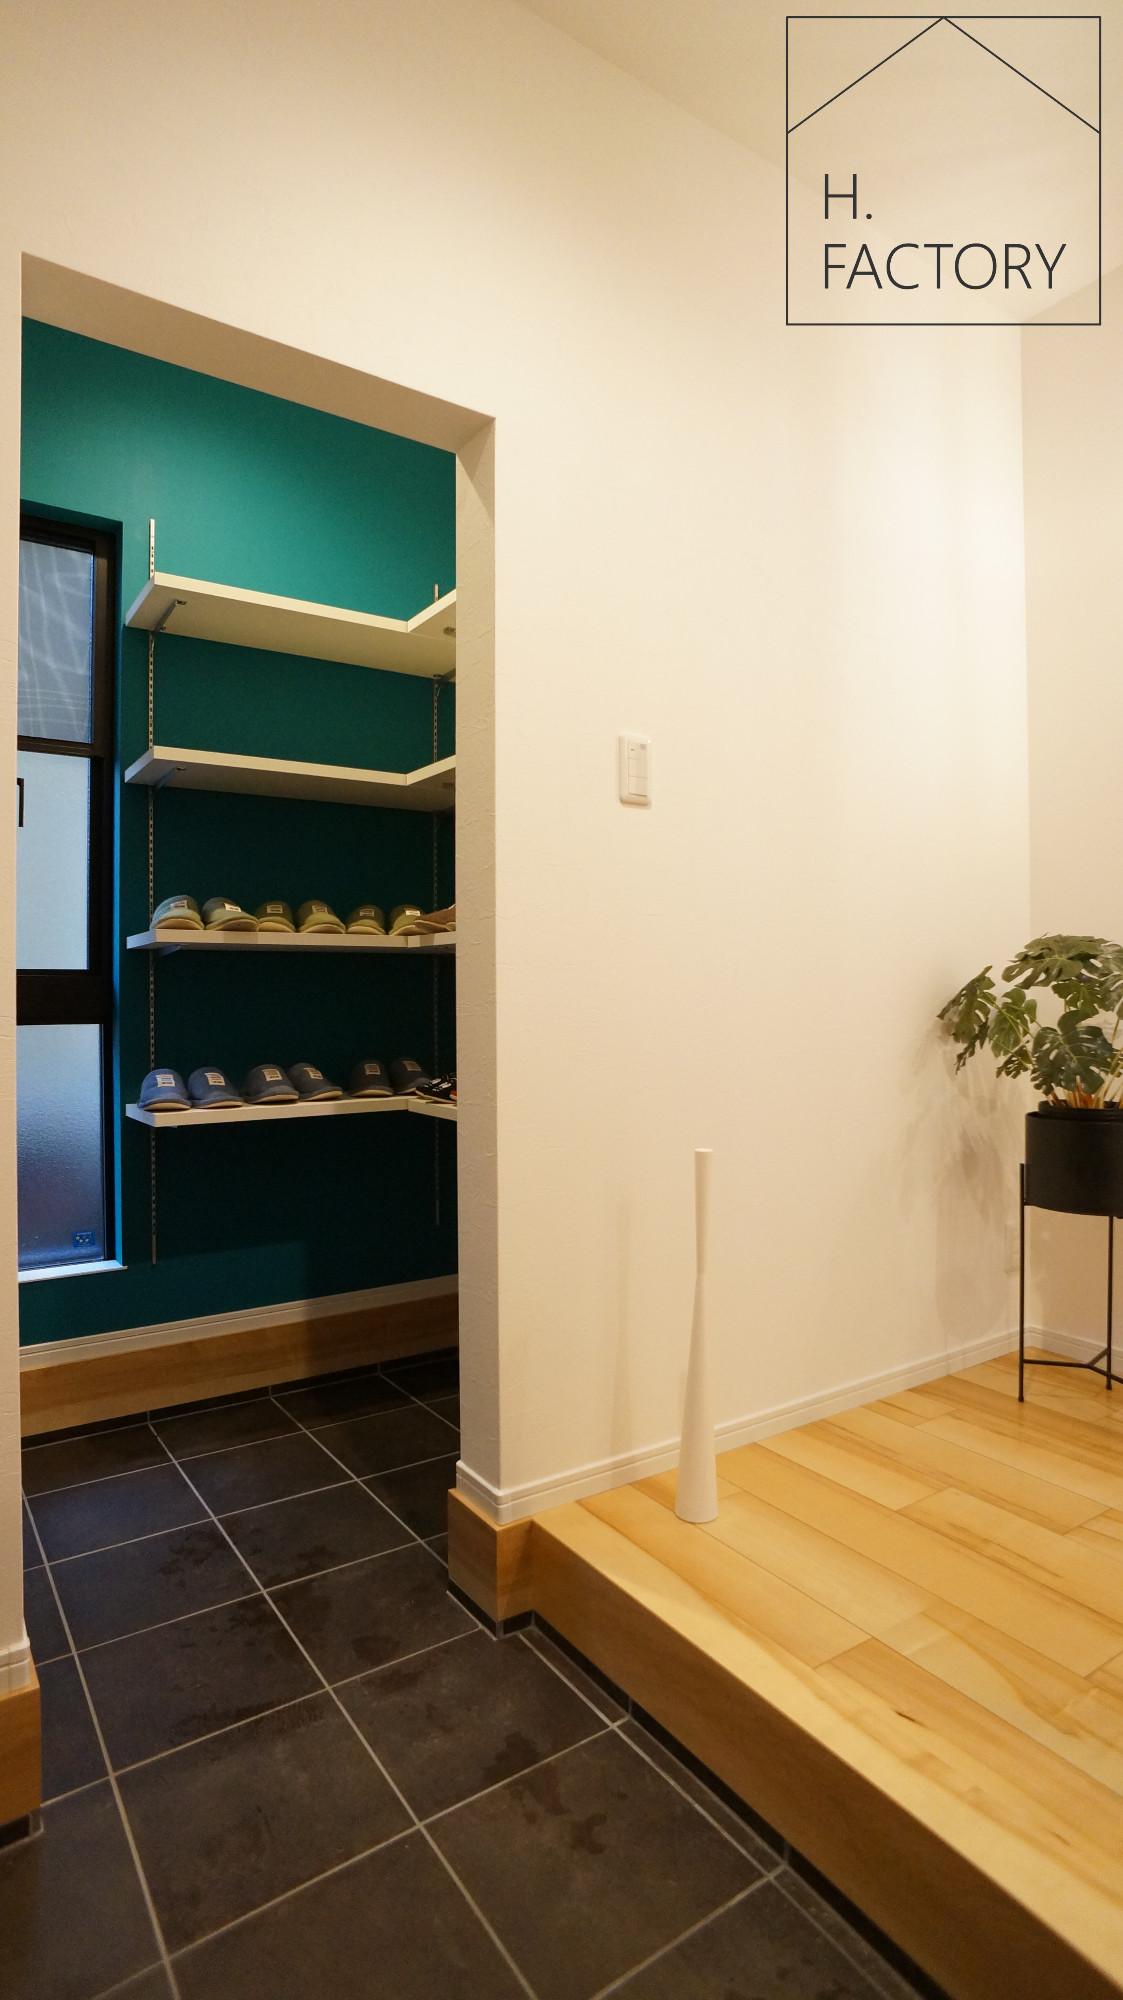 H.FACTORY/株式会社 橋本技建「シンプル&ベーシックなオシャレカフェのような家」の実例写真